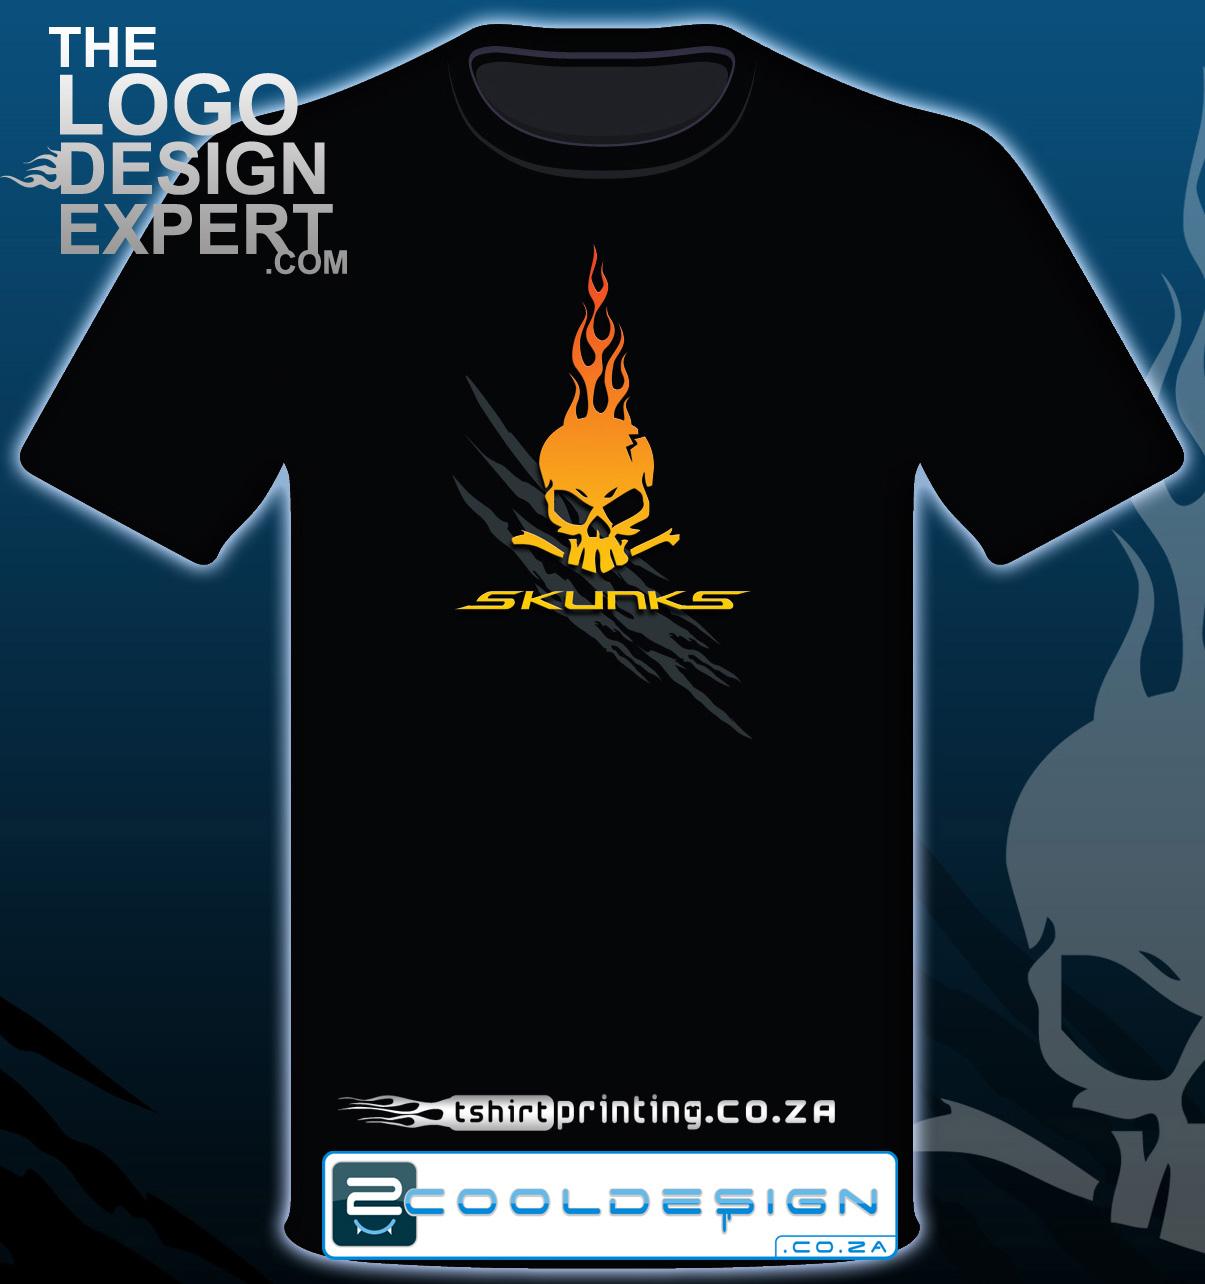 Cool biker skull t shirt design by guy tasker 2cooldesign for Design and print t shirts online